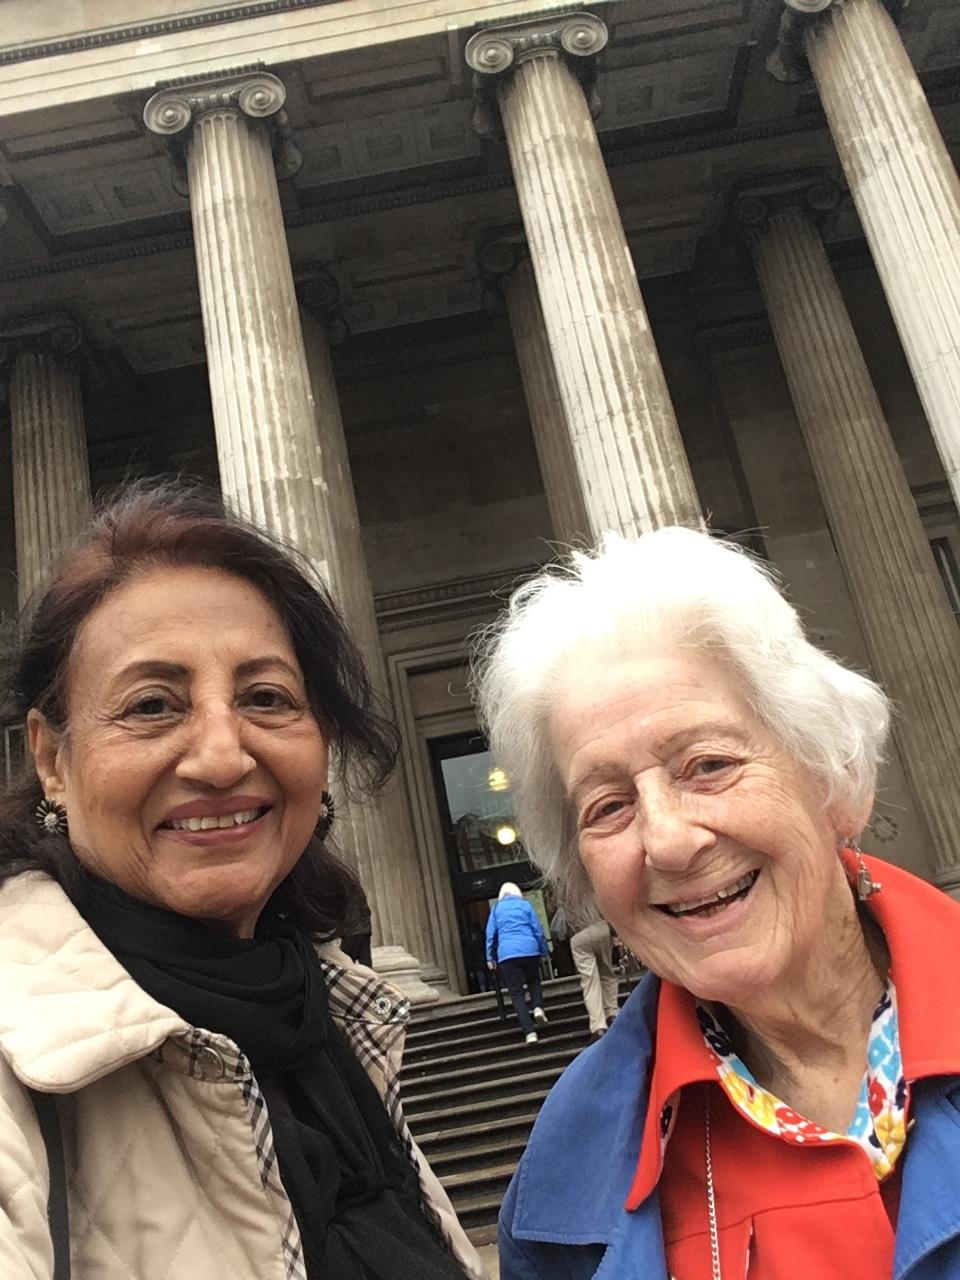 shahana and elizabeth ann british museum.jpeg